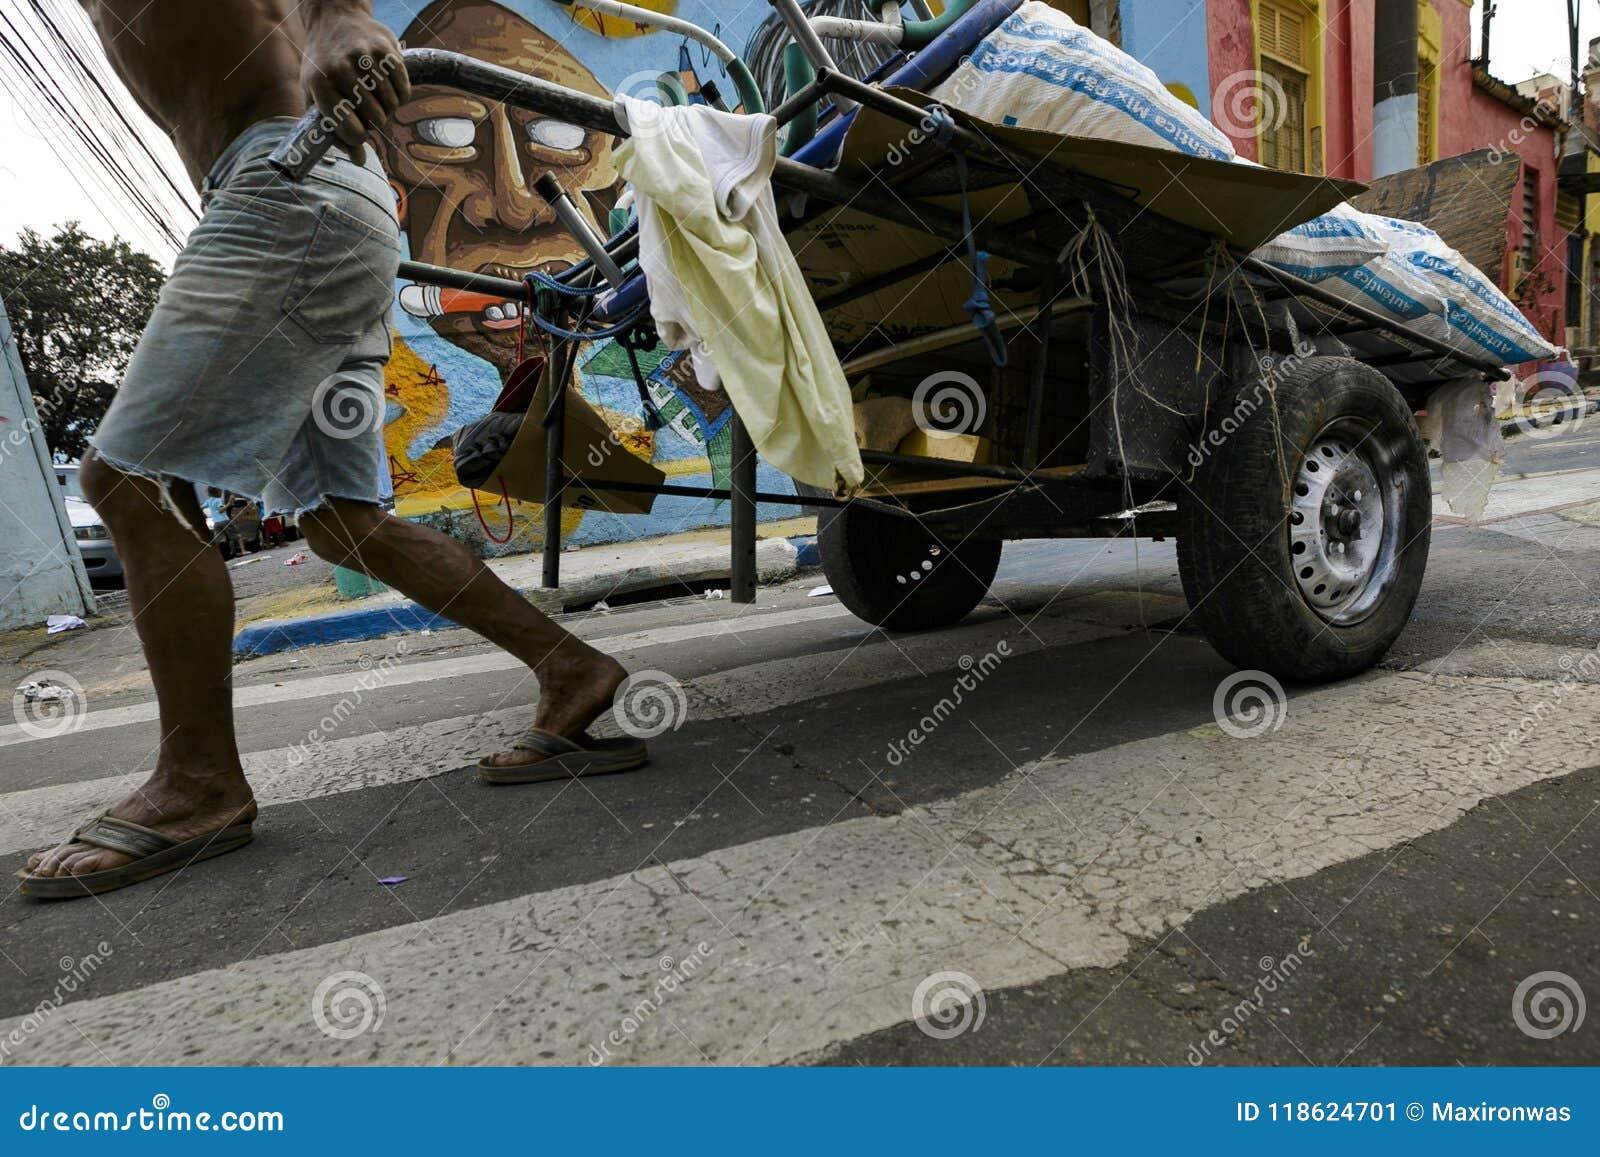 Brasil - San Paolo - Catadores de rua - a recycler cooperative